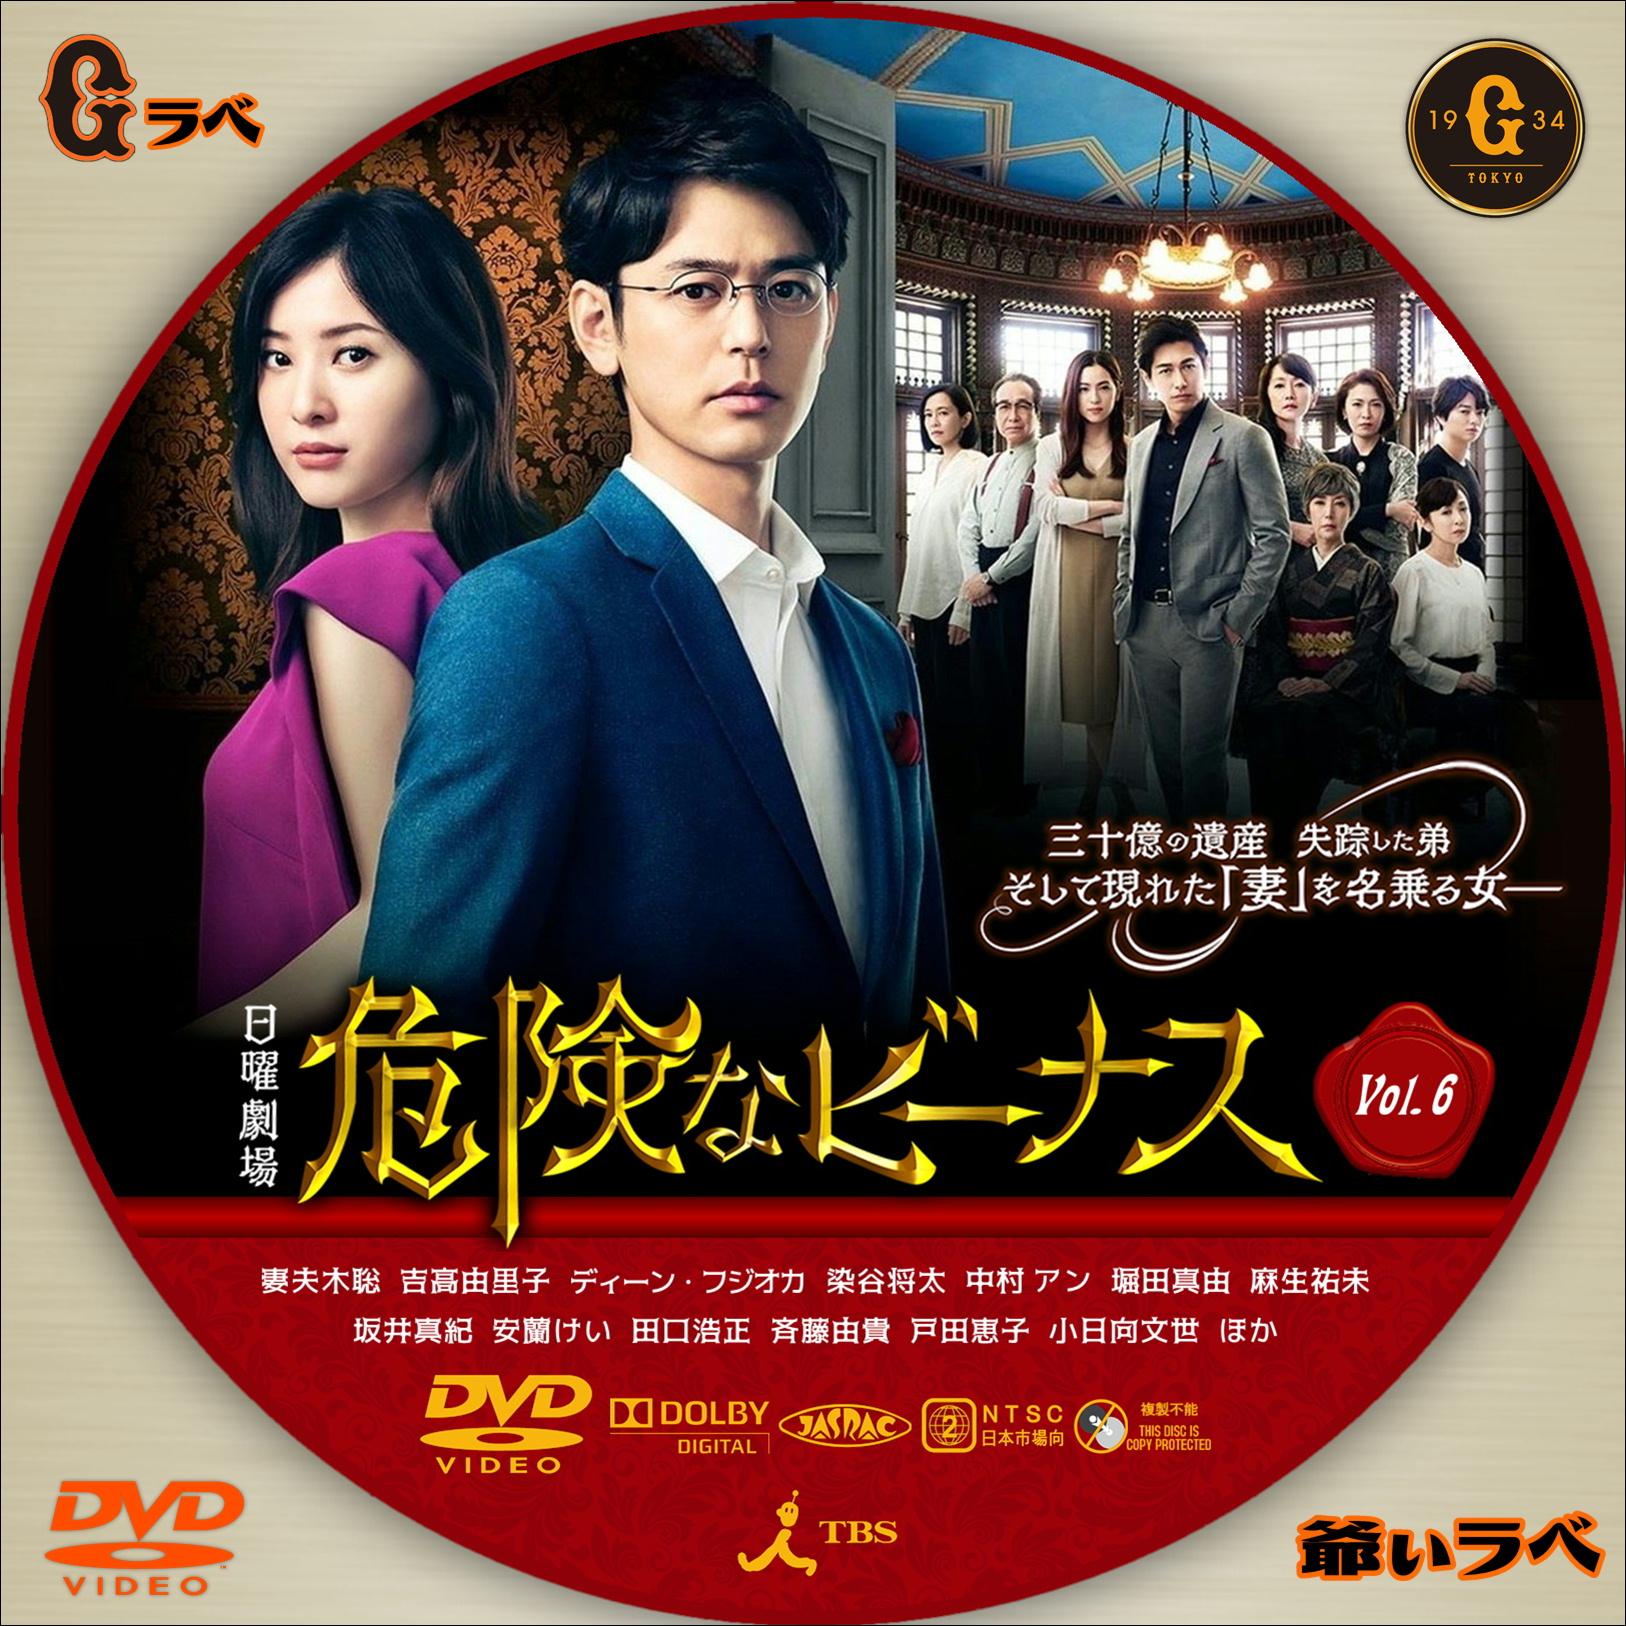 危険なビーナス Vol-6(DVD)